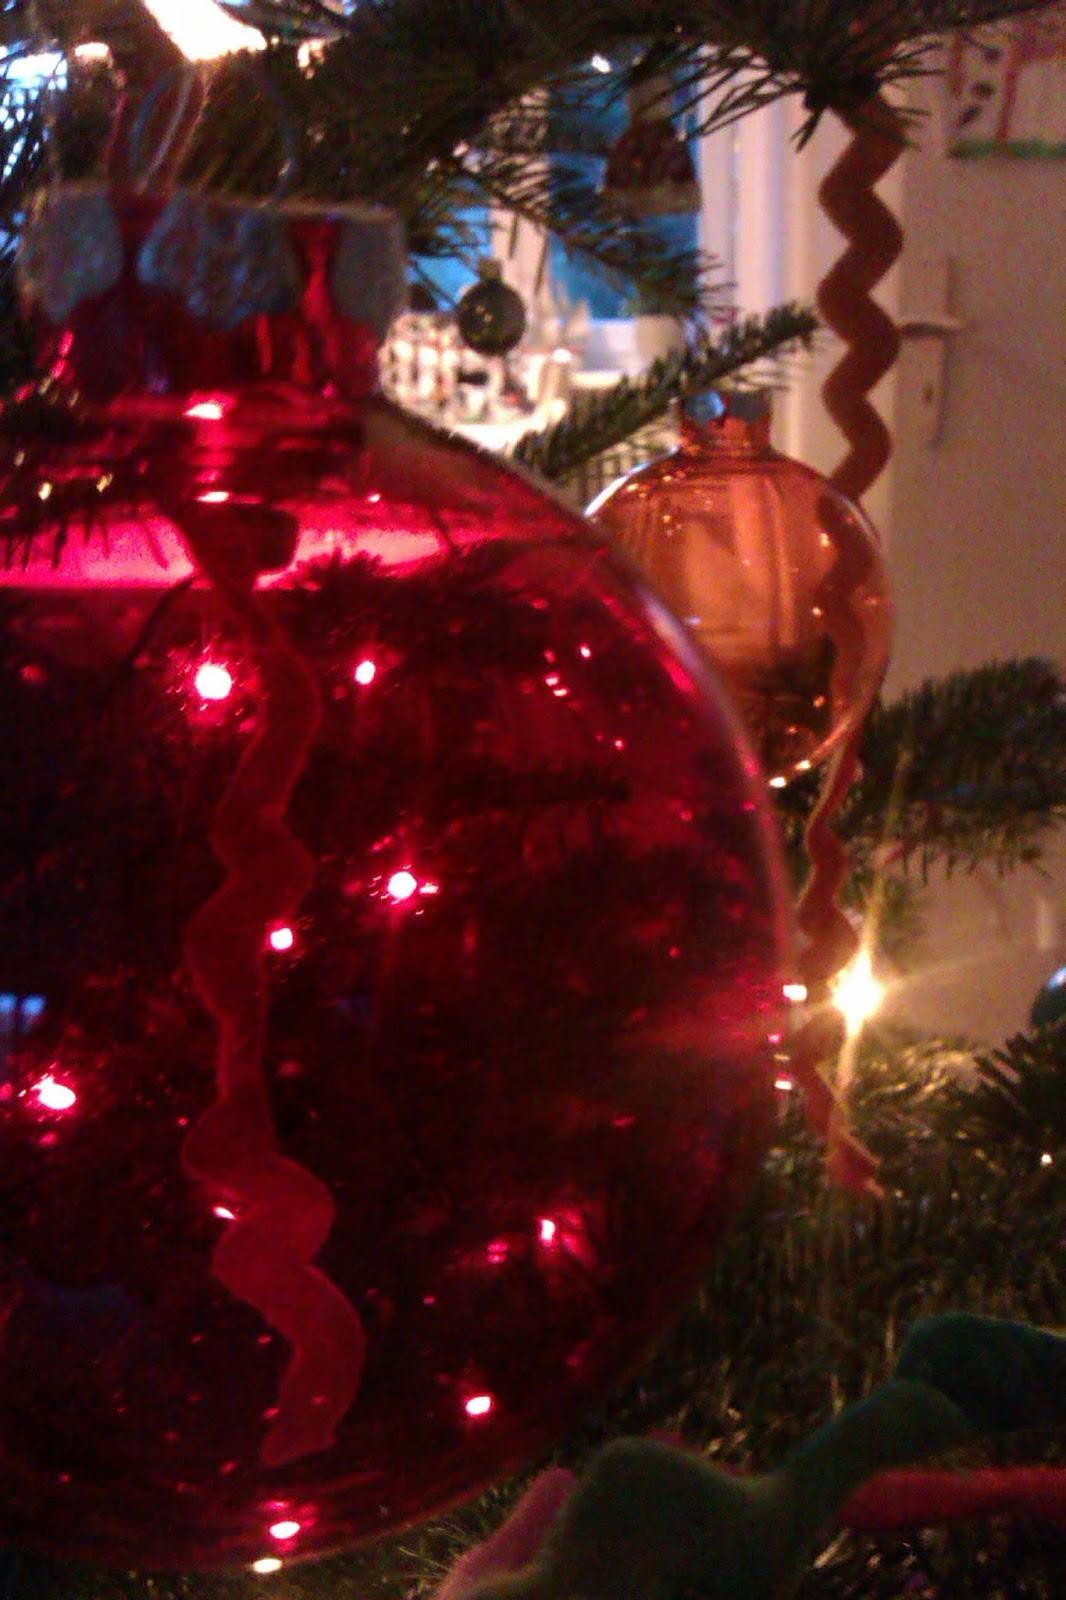 Grüne Gurke Im Weihnachtsbaum.Frau Frieda Ein Kunterbunter Weihnachtsbaum